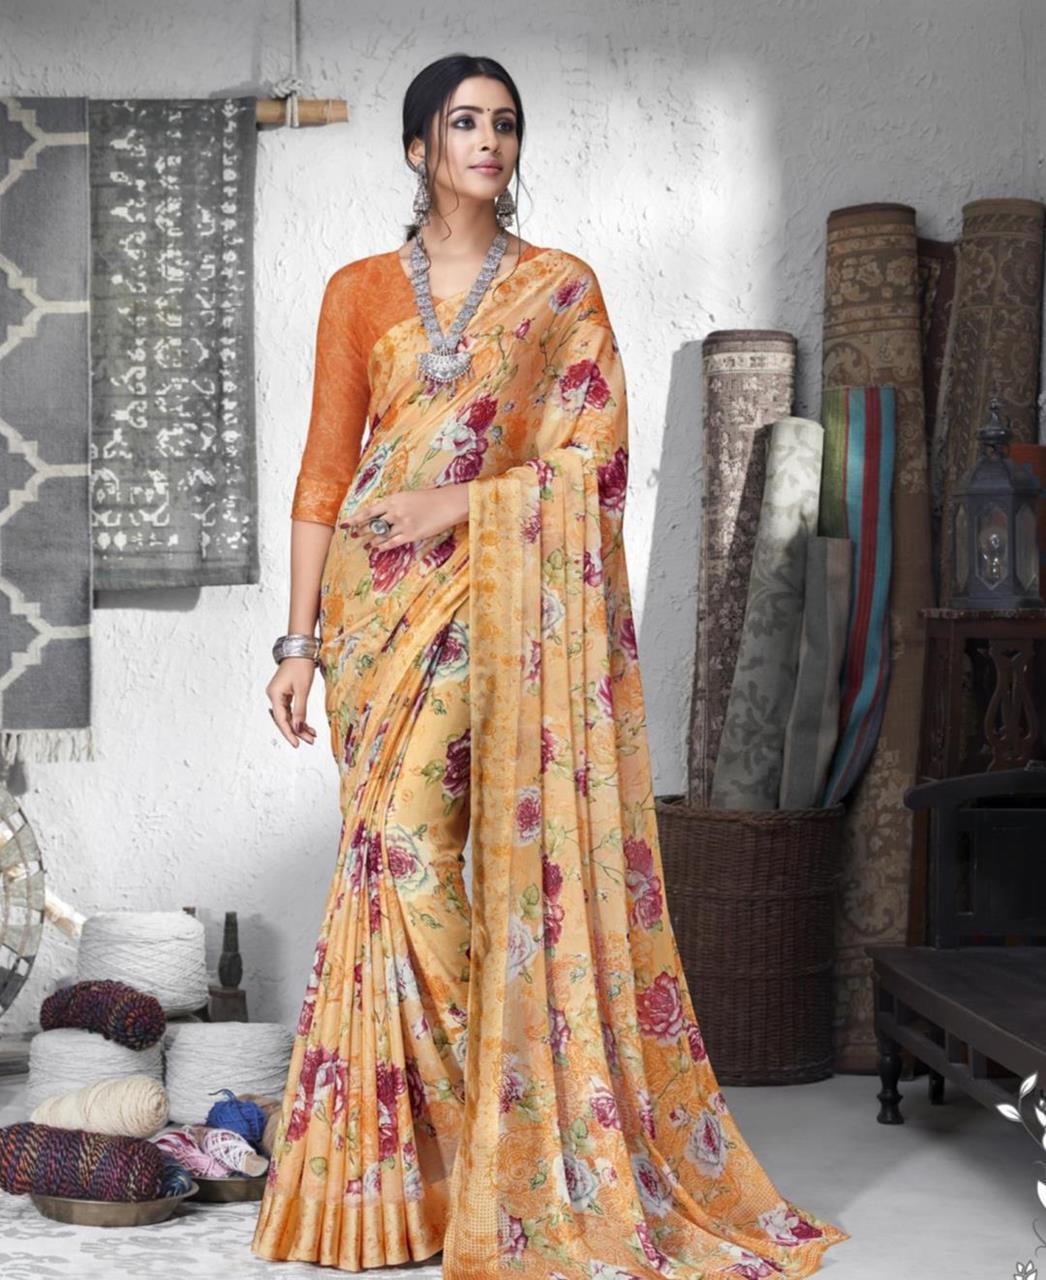 Printed Chiffon Saree in Orange